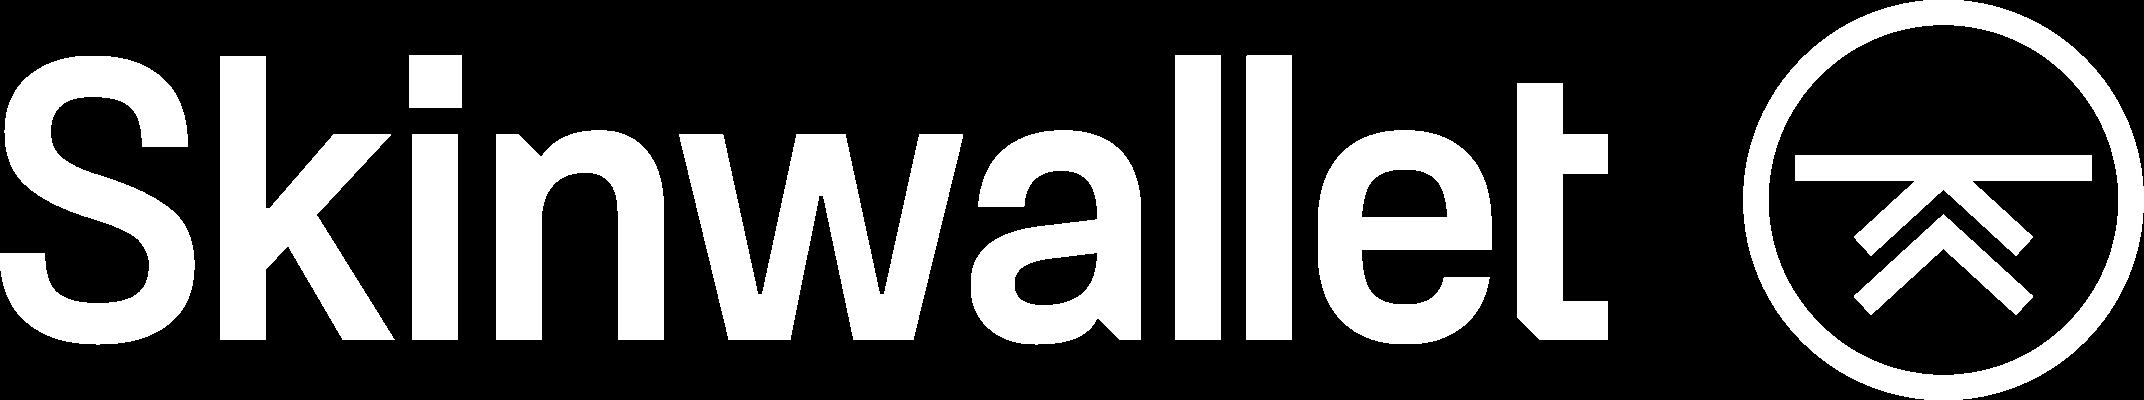 Skinwallet S.A. - Relacje Inwestorskie